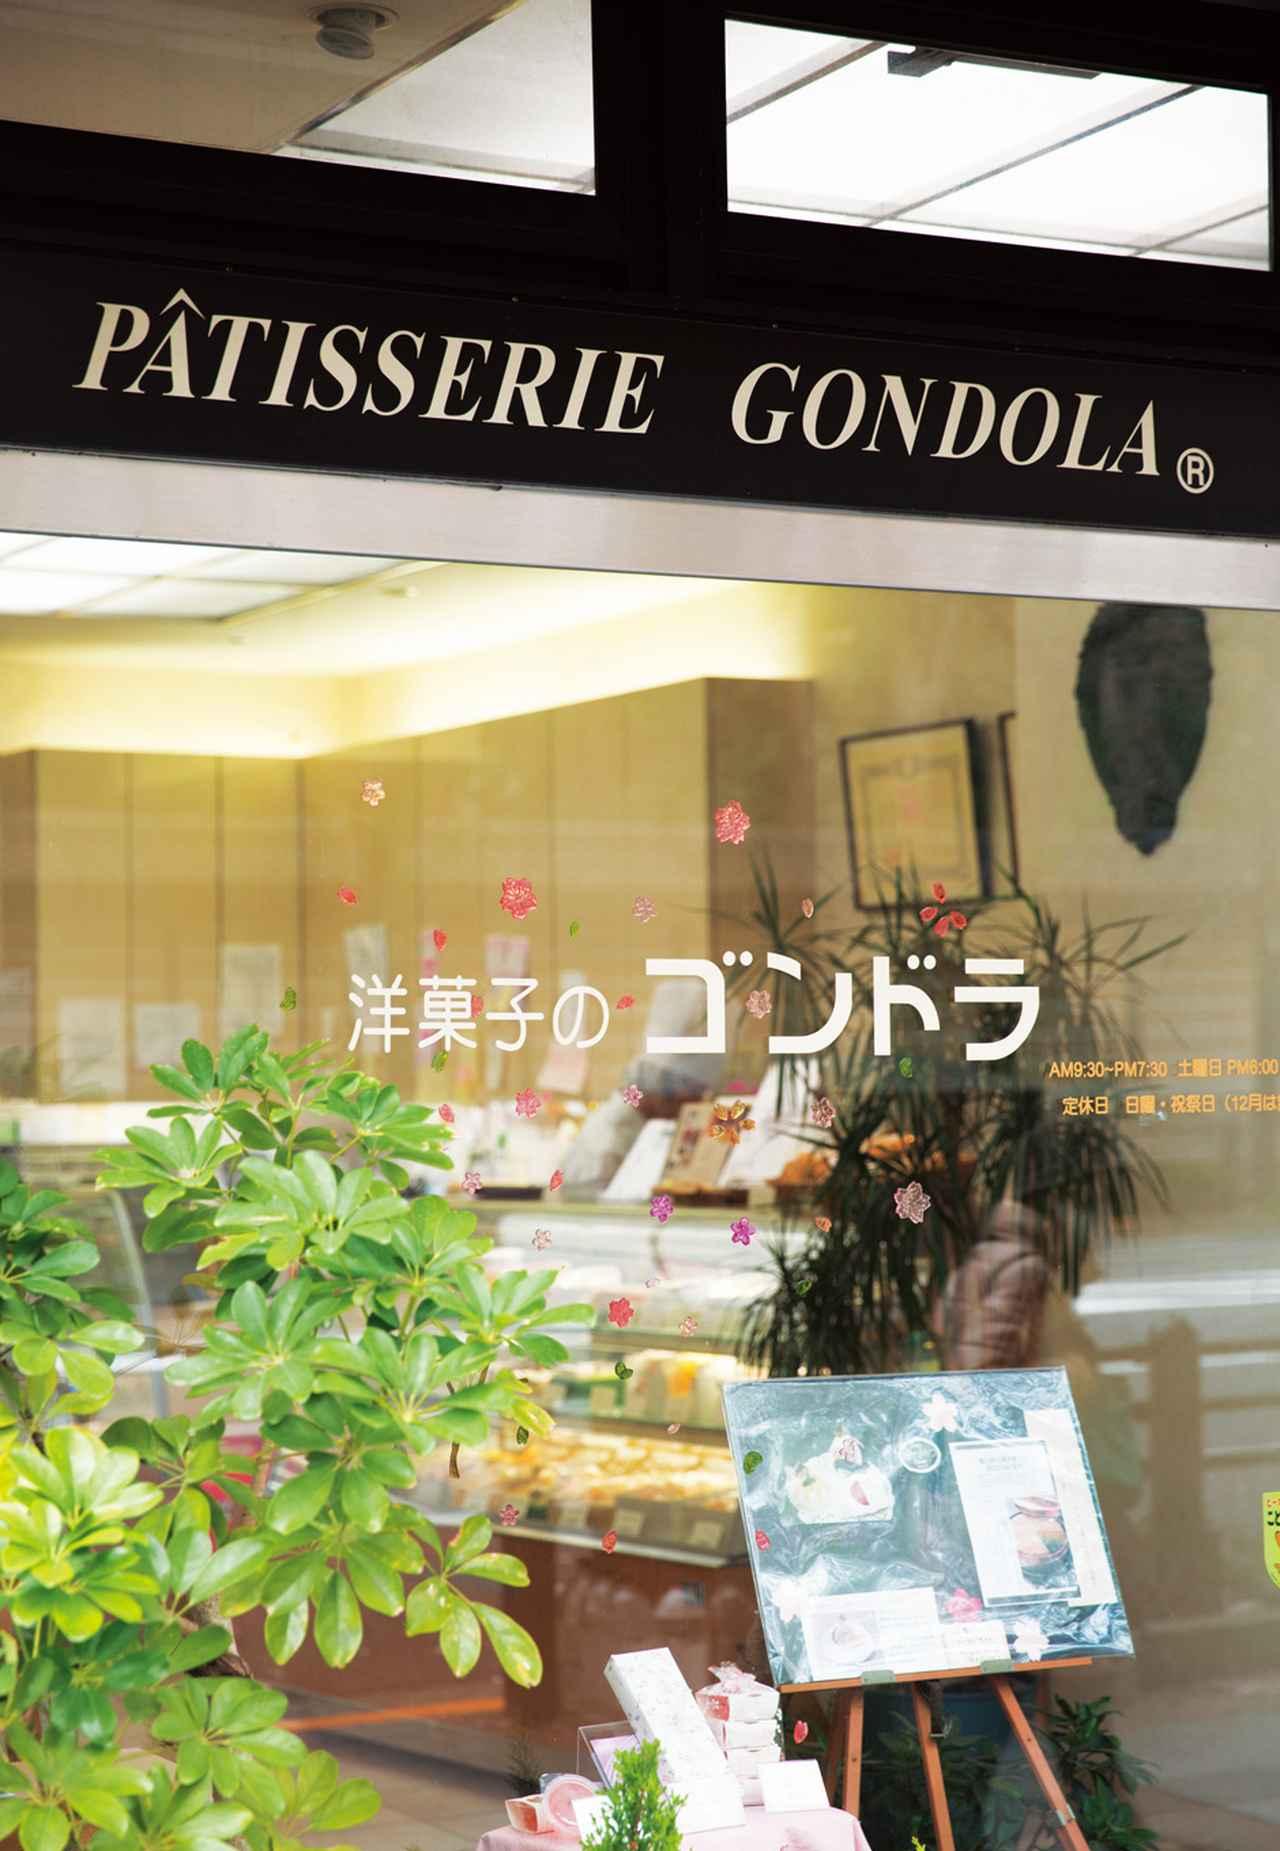 画像: 靖国神社の南門前に店を構える。シェフの目の届く範囲内での菓子づくりを守るため、支店は出さず、こちらが唯一の店舗(銀座・松屋で数量限定販売はあり)